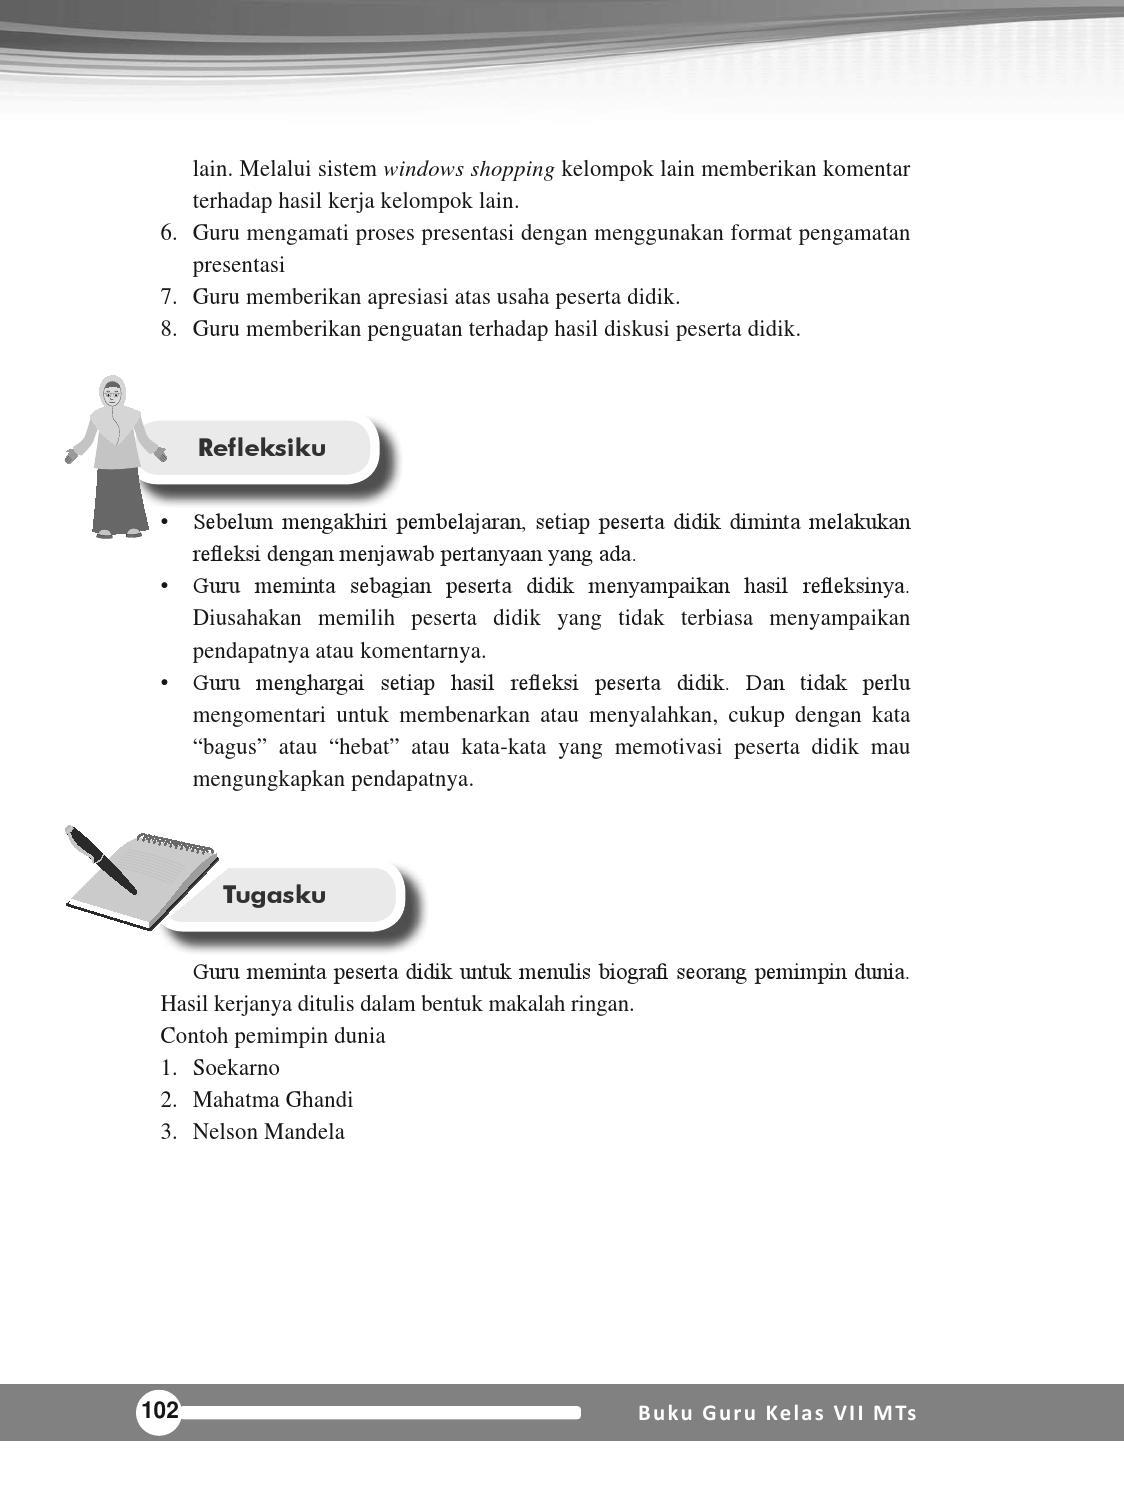 Buku Ski Mts 7 Guru By Madrasah Tsanawiyah Mandalahurip Issuu